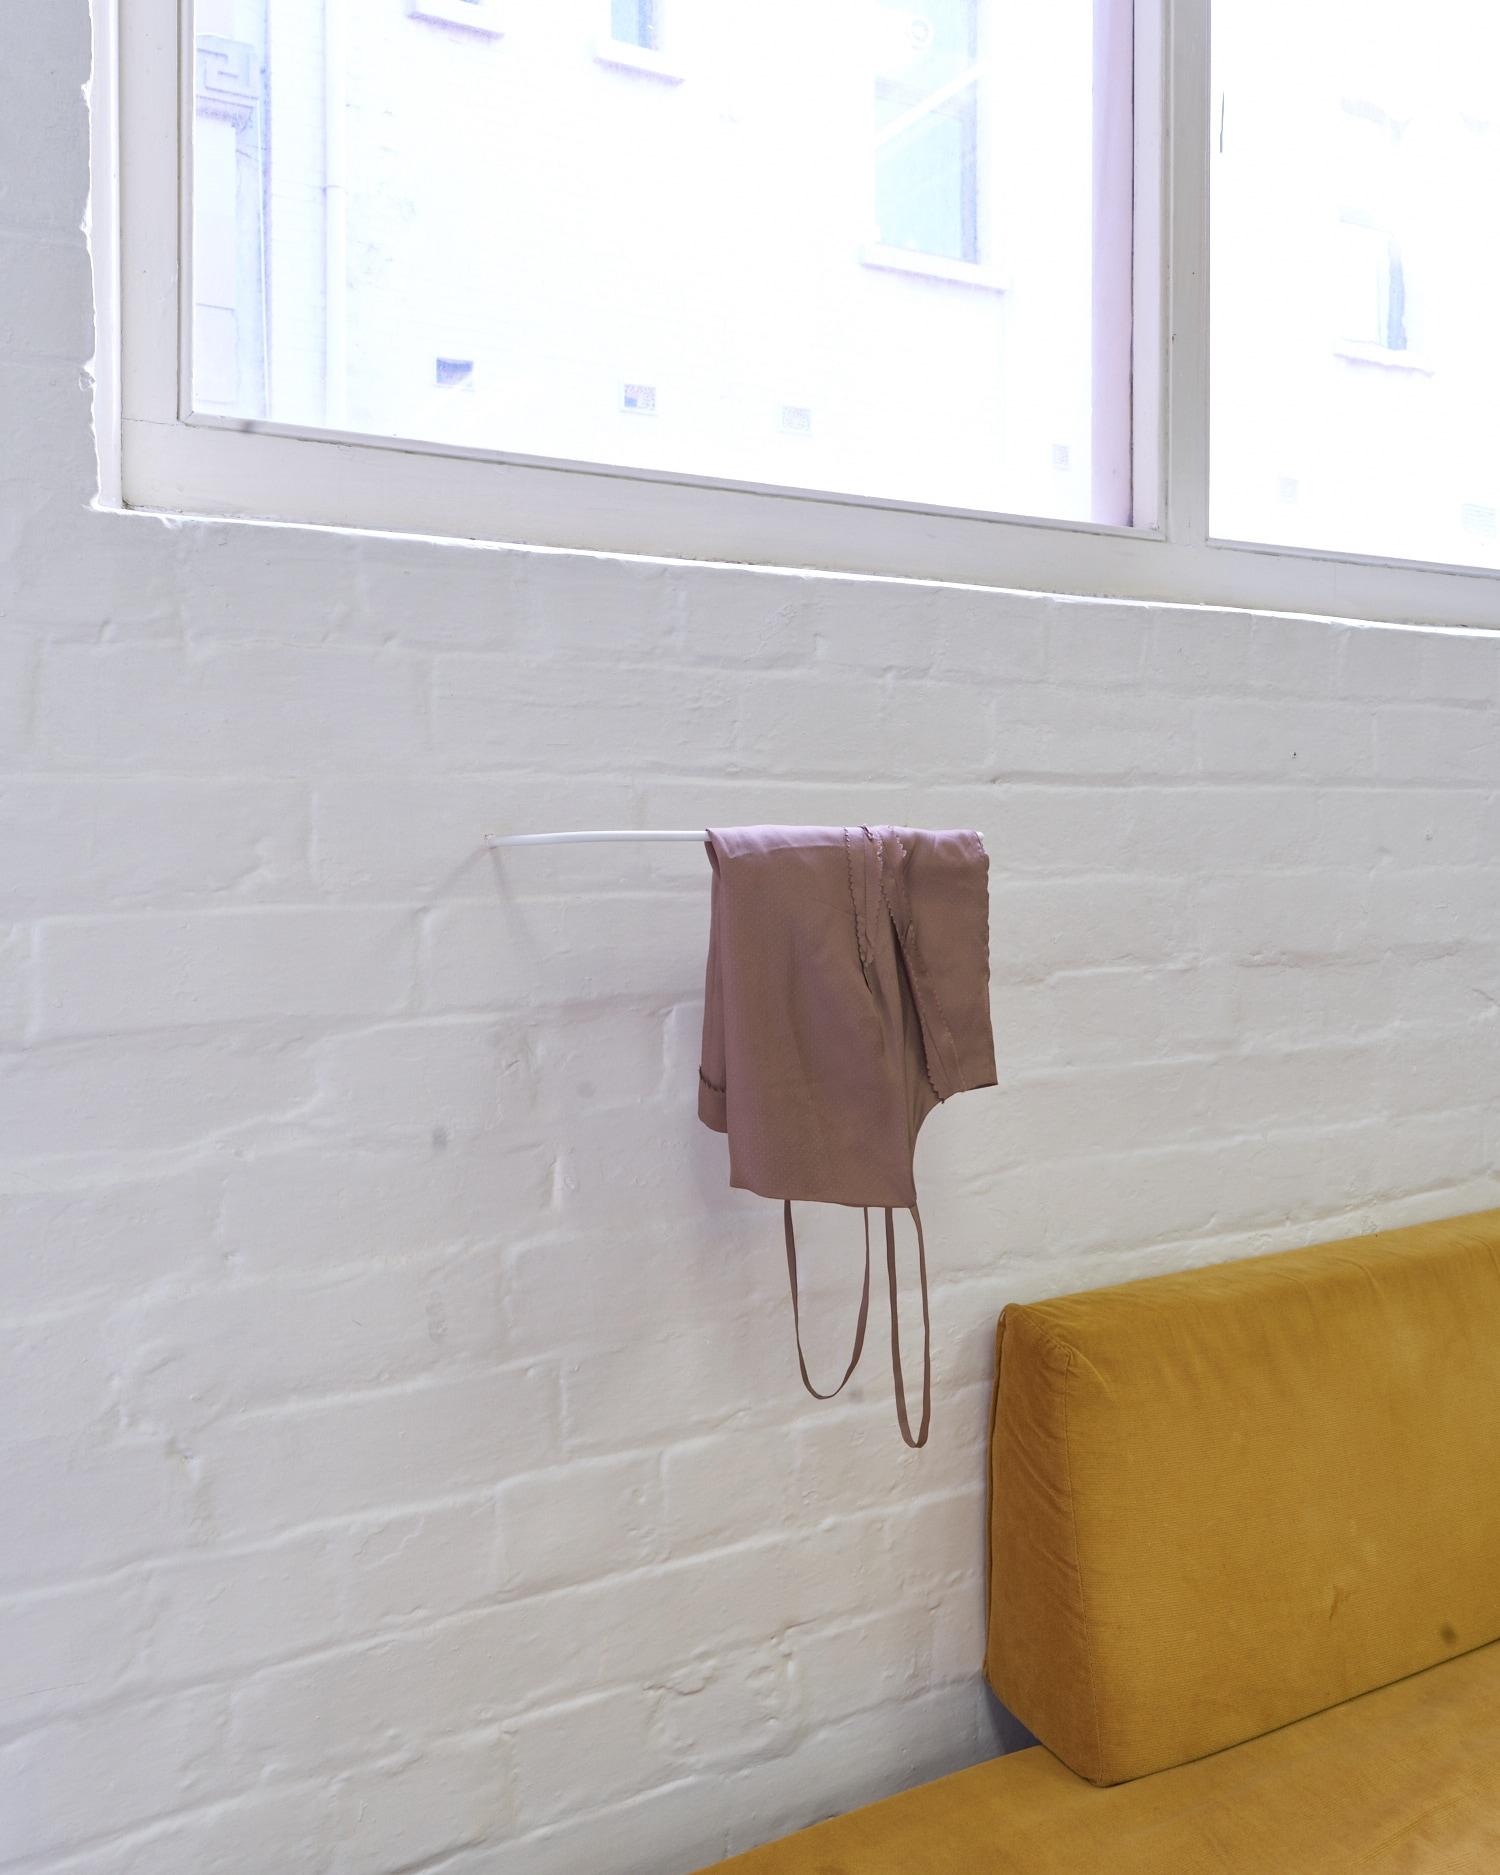 20190429_A flat shop [hangers documentation_sophie m green]_DSC00476.jpg